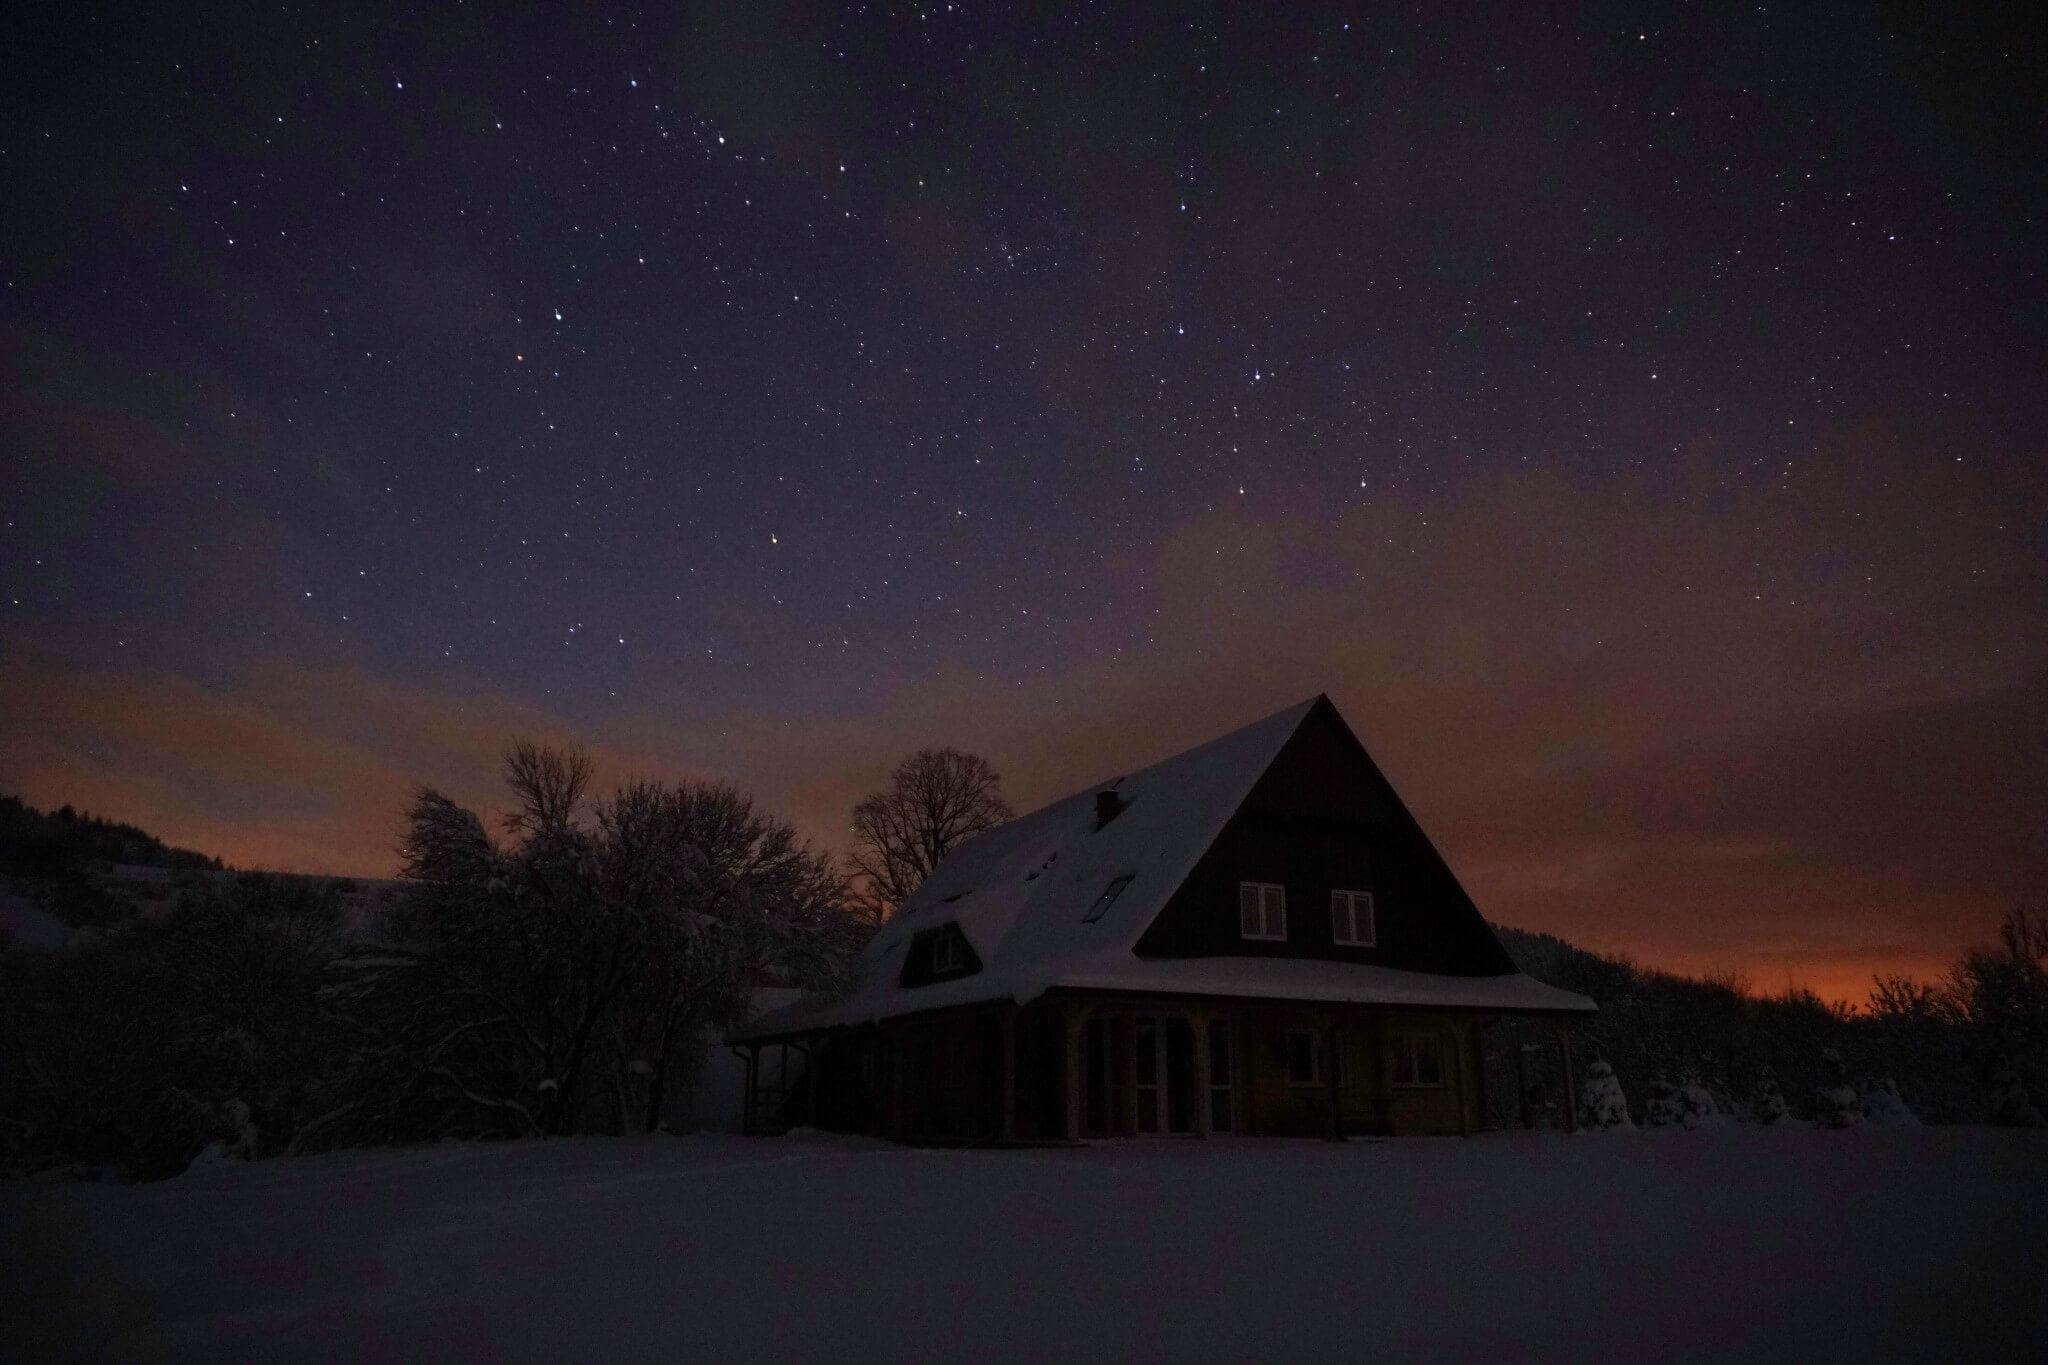 Nocne, zimowe niebo wfotografii Adama 4